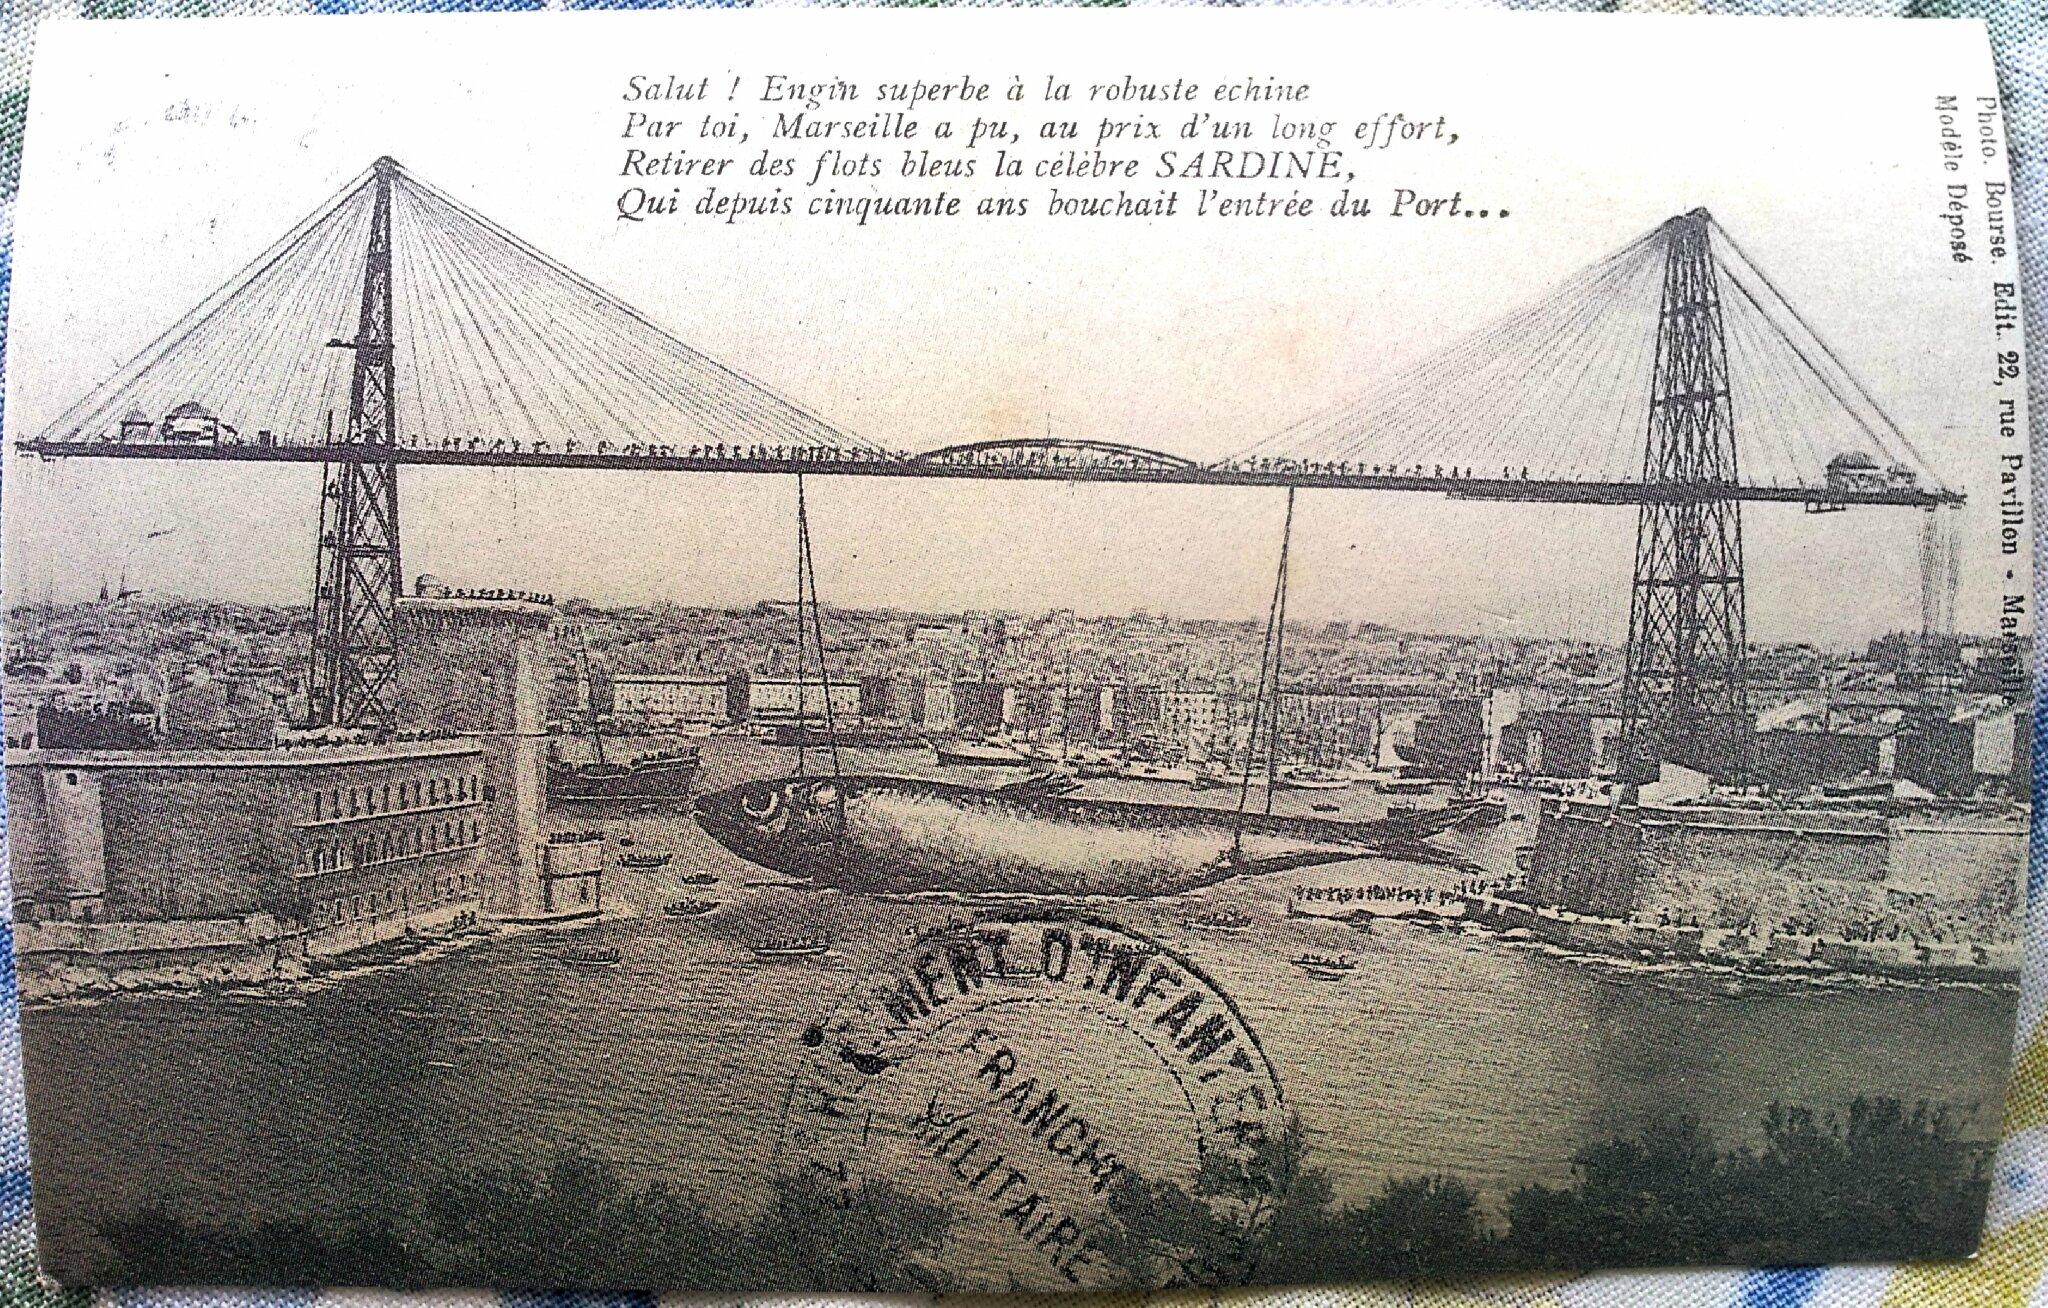 La sardine point de croix and co - Sardine port de marseille ...